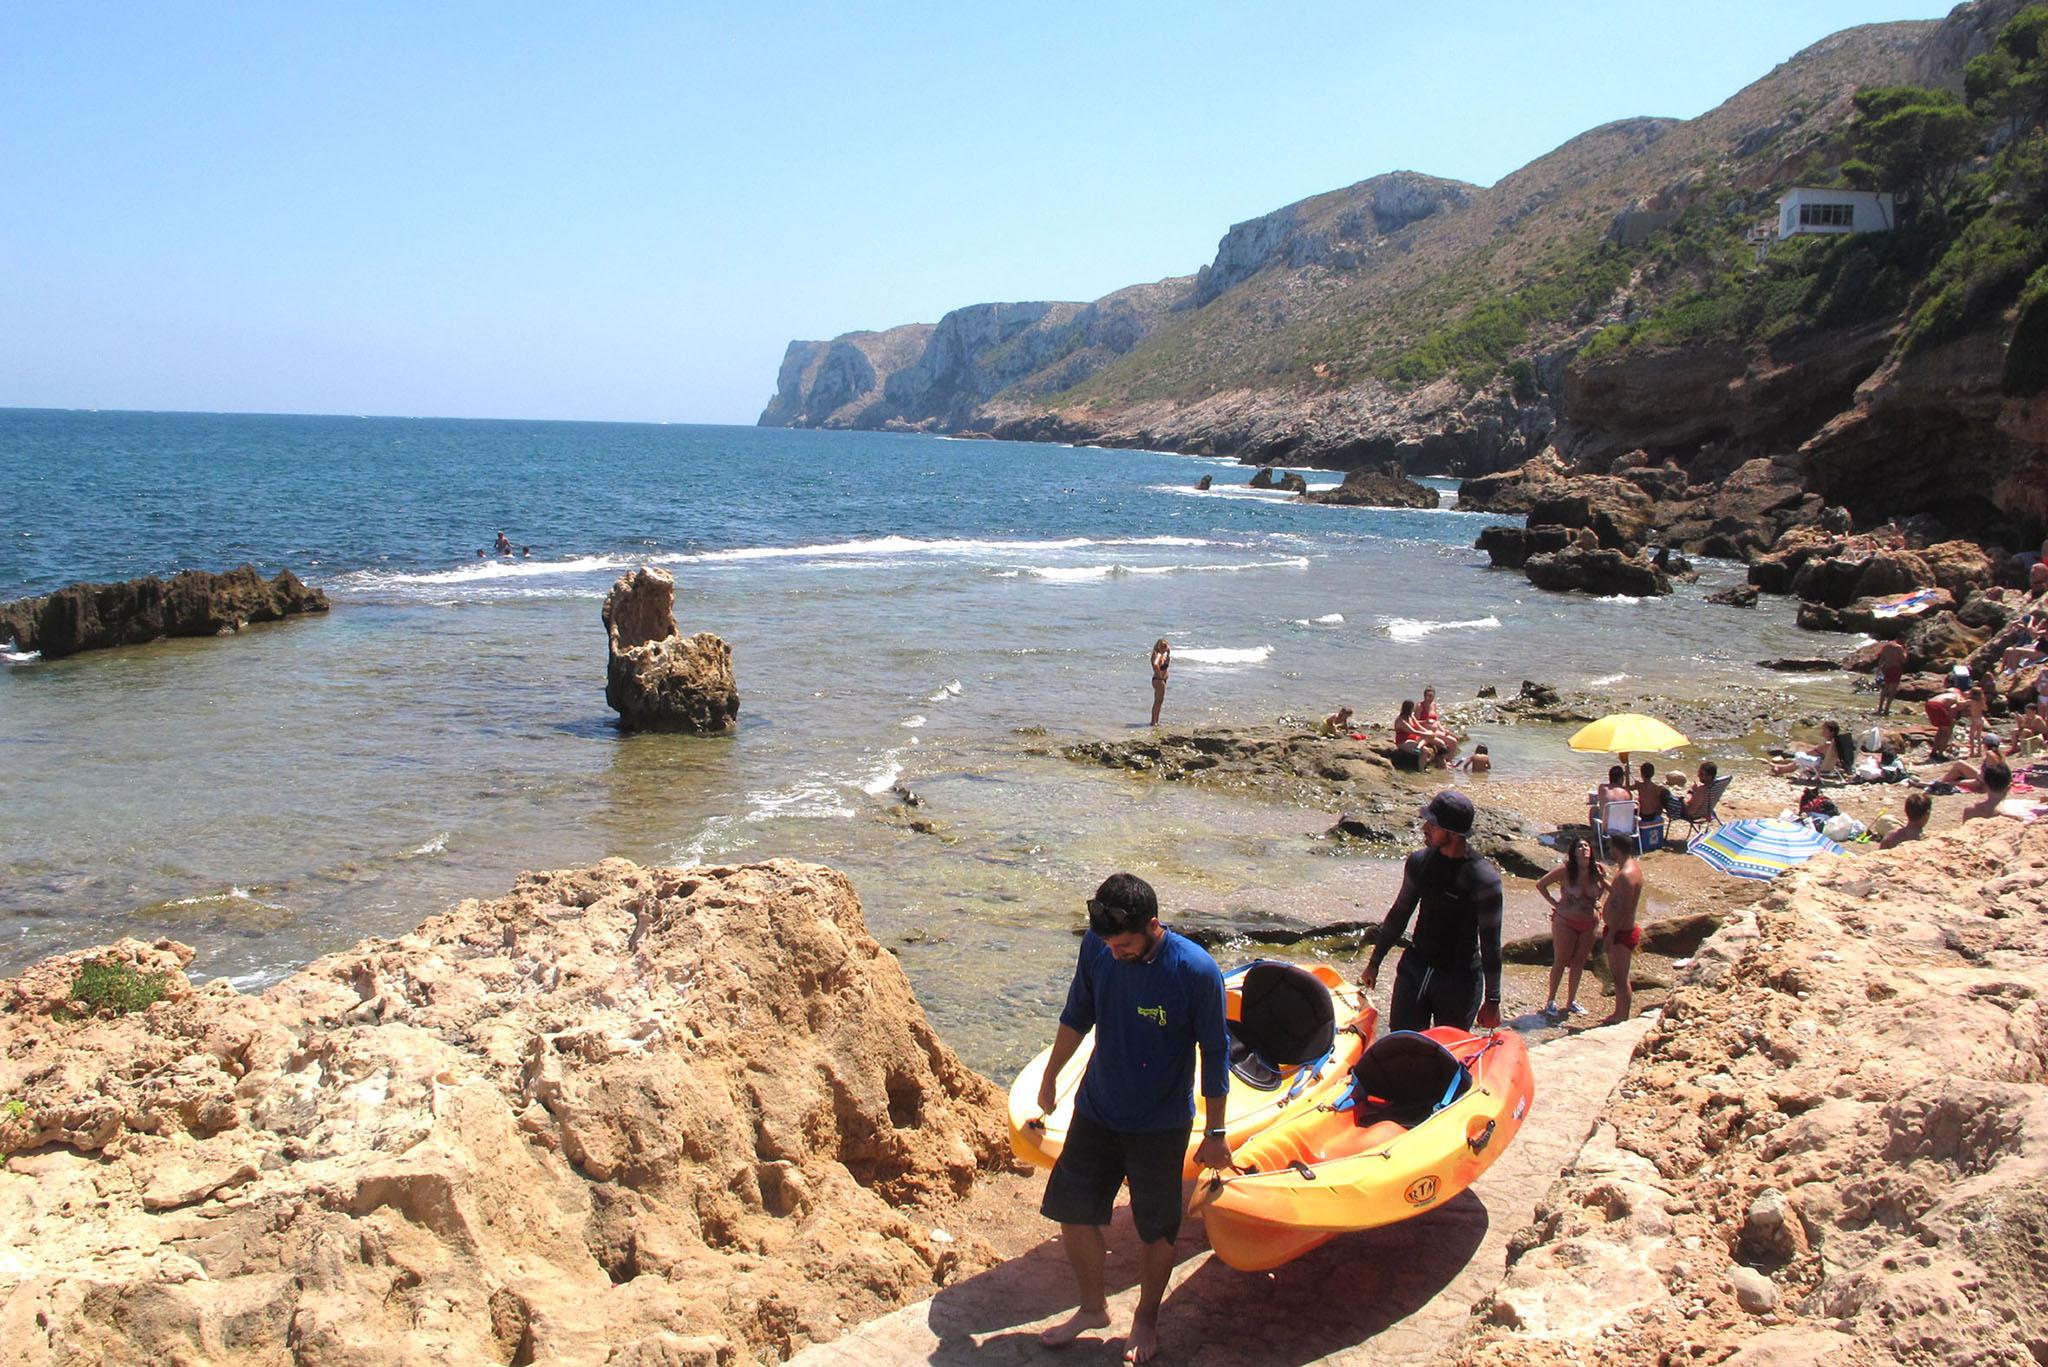 Playa de Les Arenetes